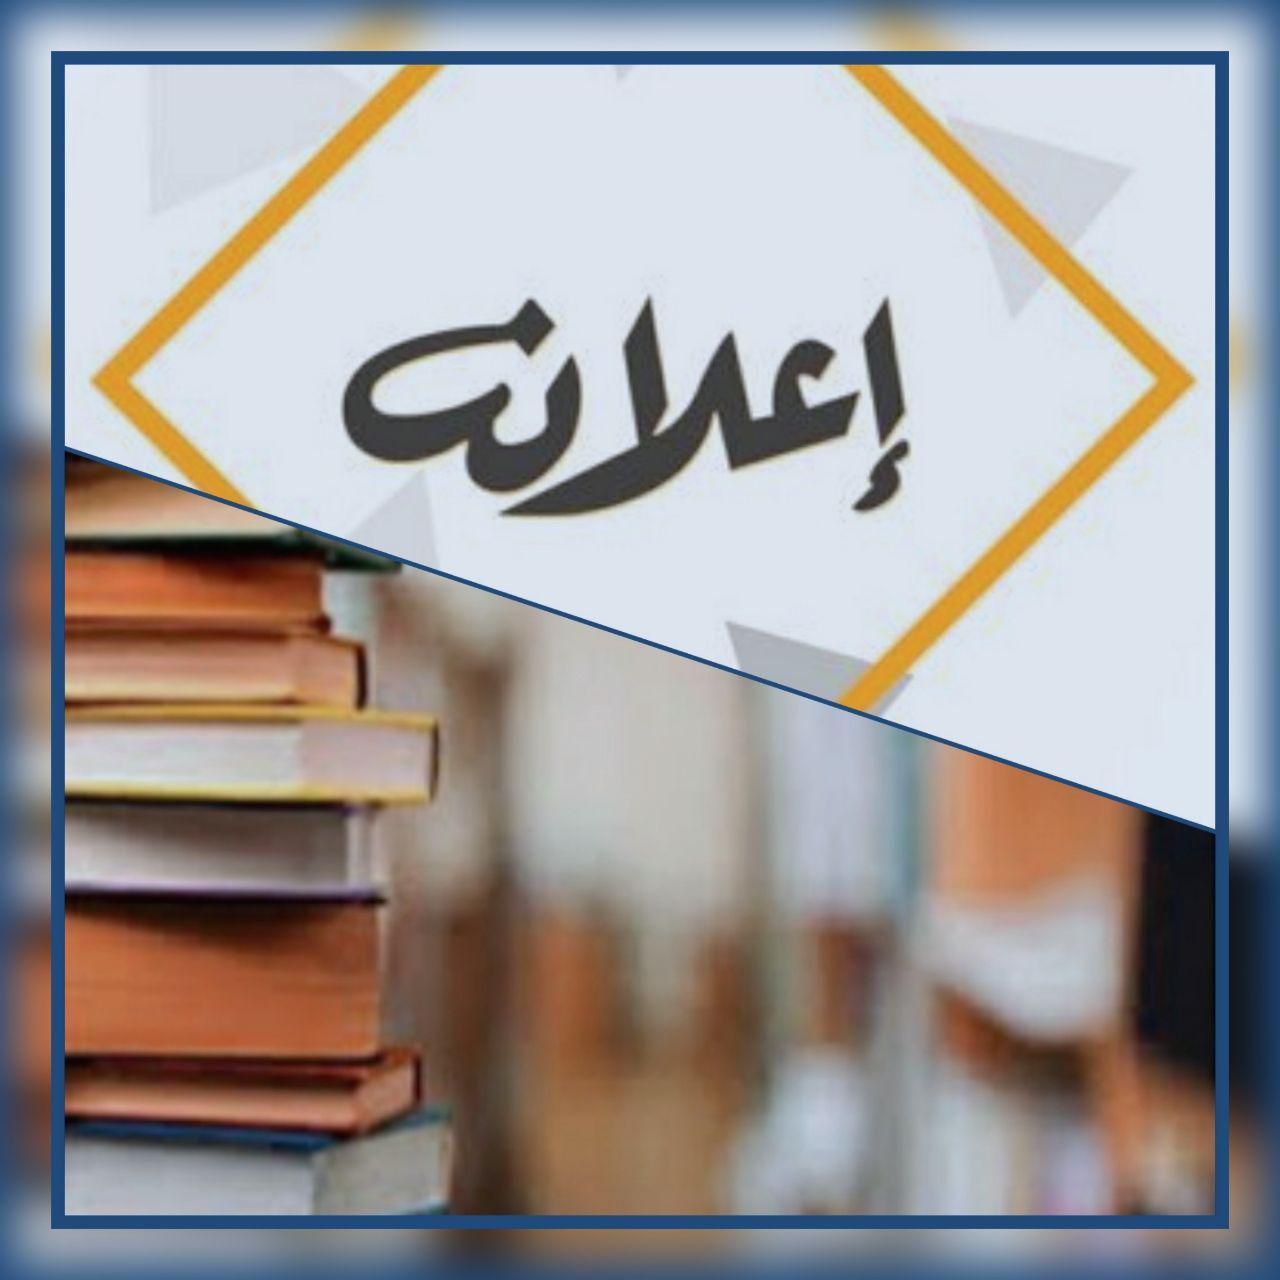 إعــــــــــــــــــلان لطلبة المرحلة الأولى لدراسة الصباحية